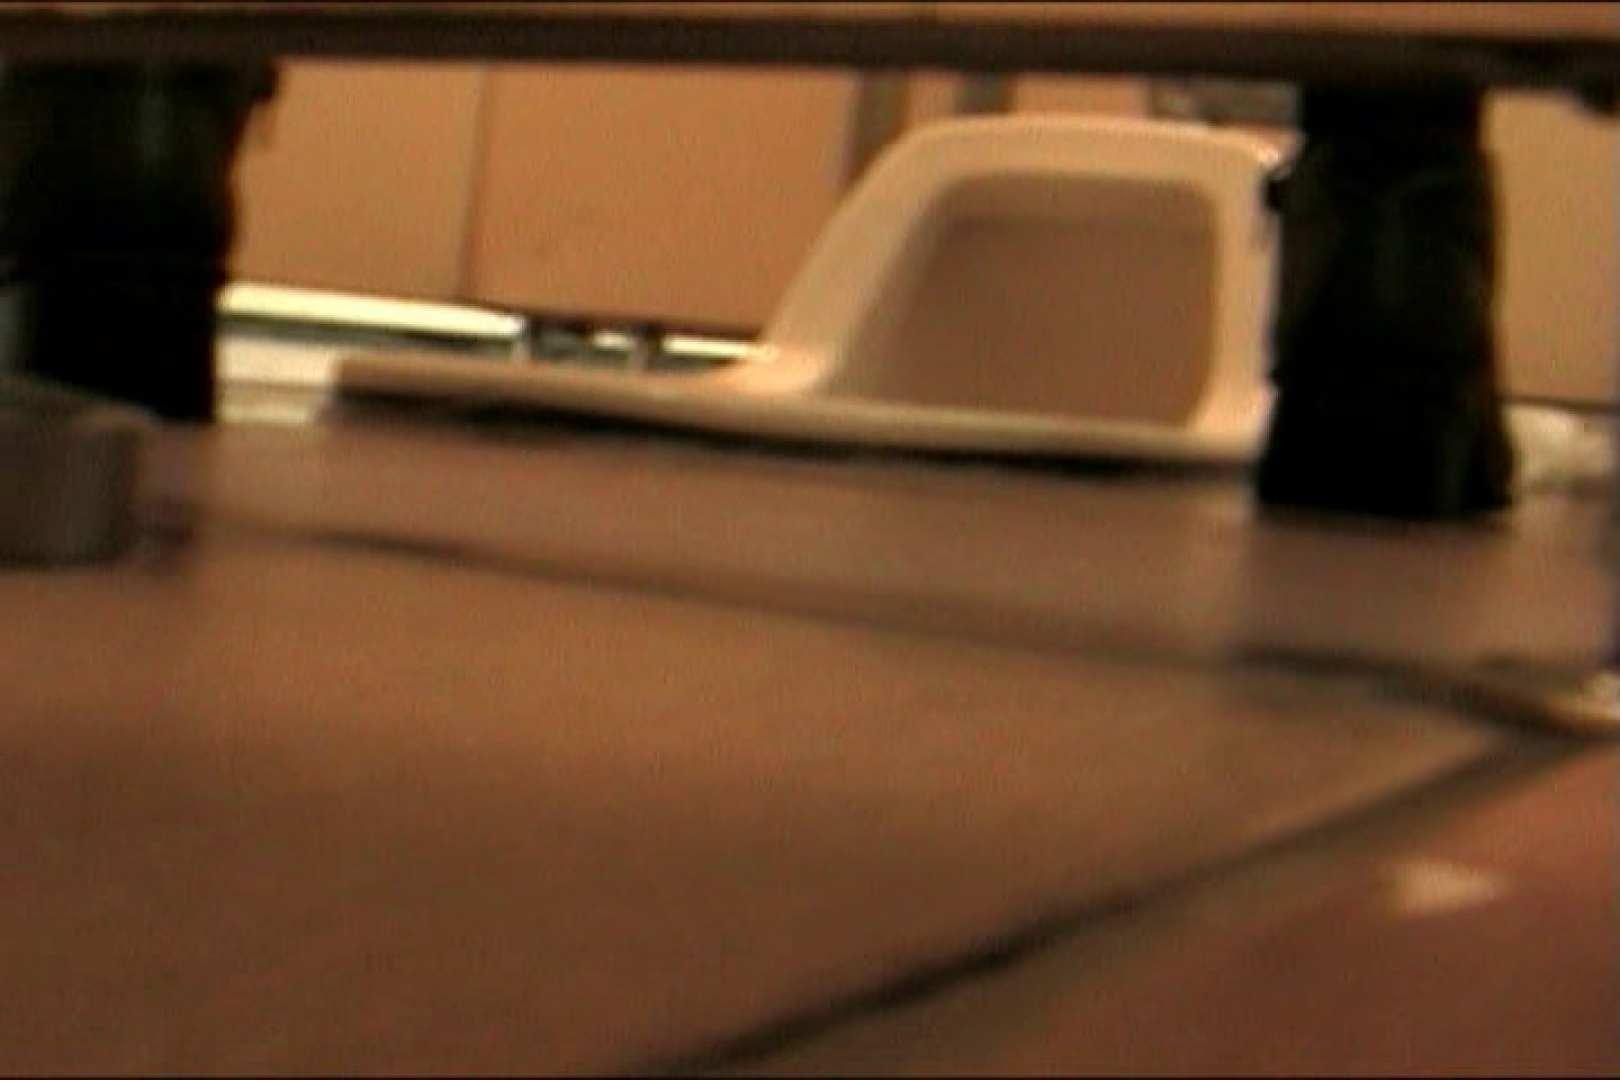 マンコ丸見え女子洗面所Vol.7 盗撮師作品 のぞき動画画像 105pic 99